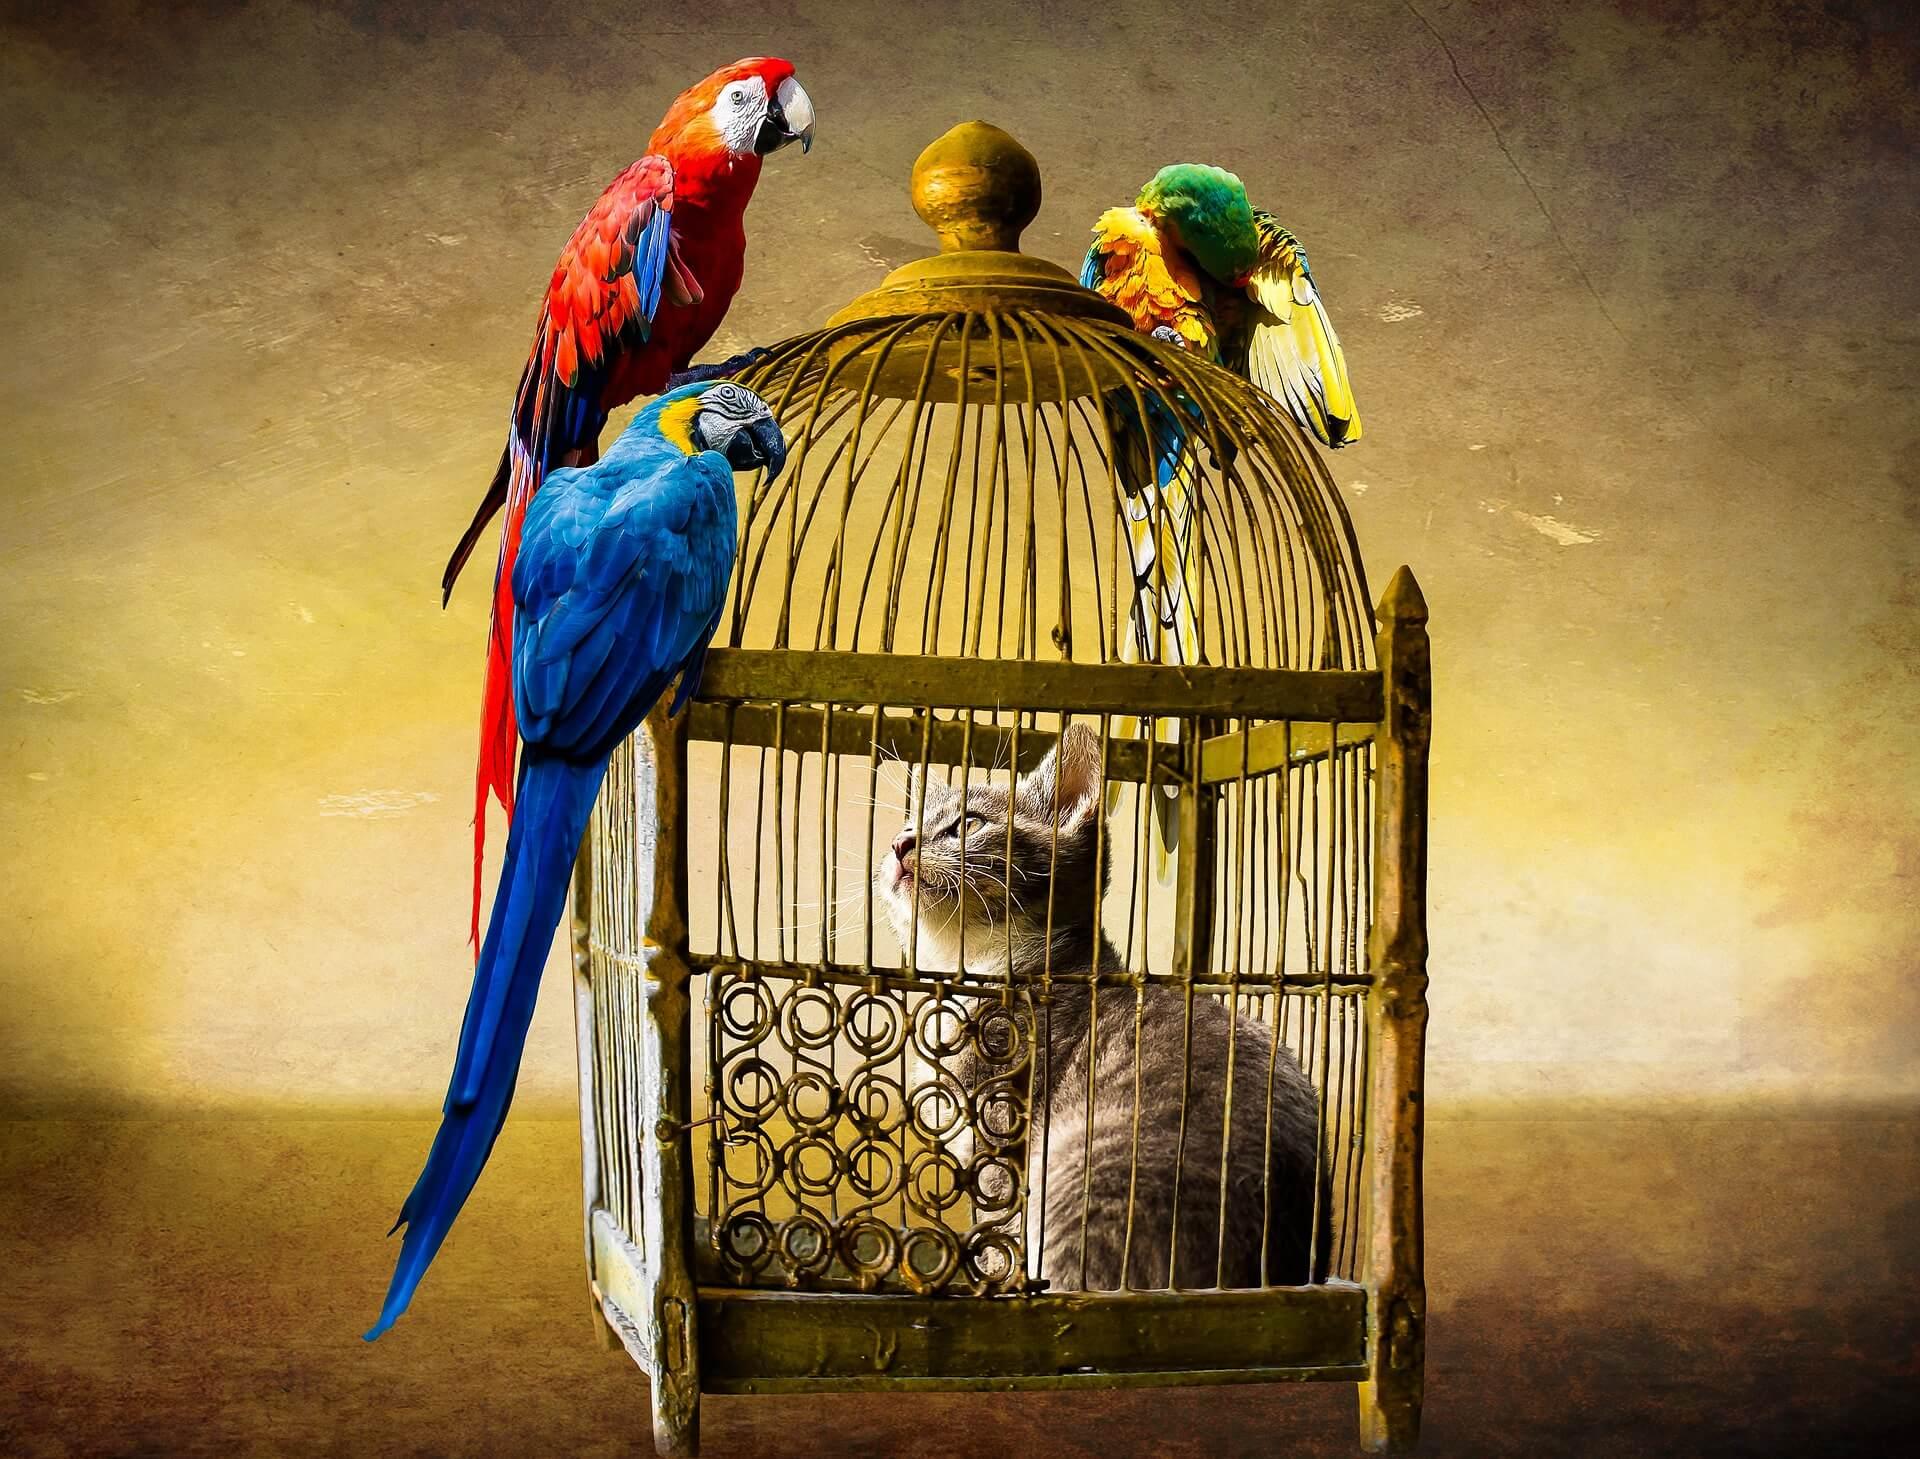 籠の中の猫が外の青い鳥をみている